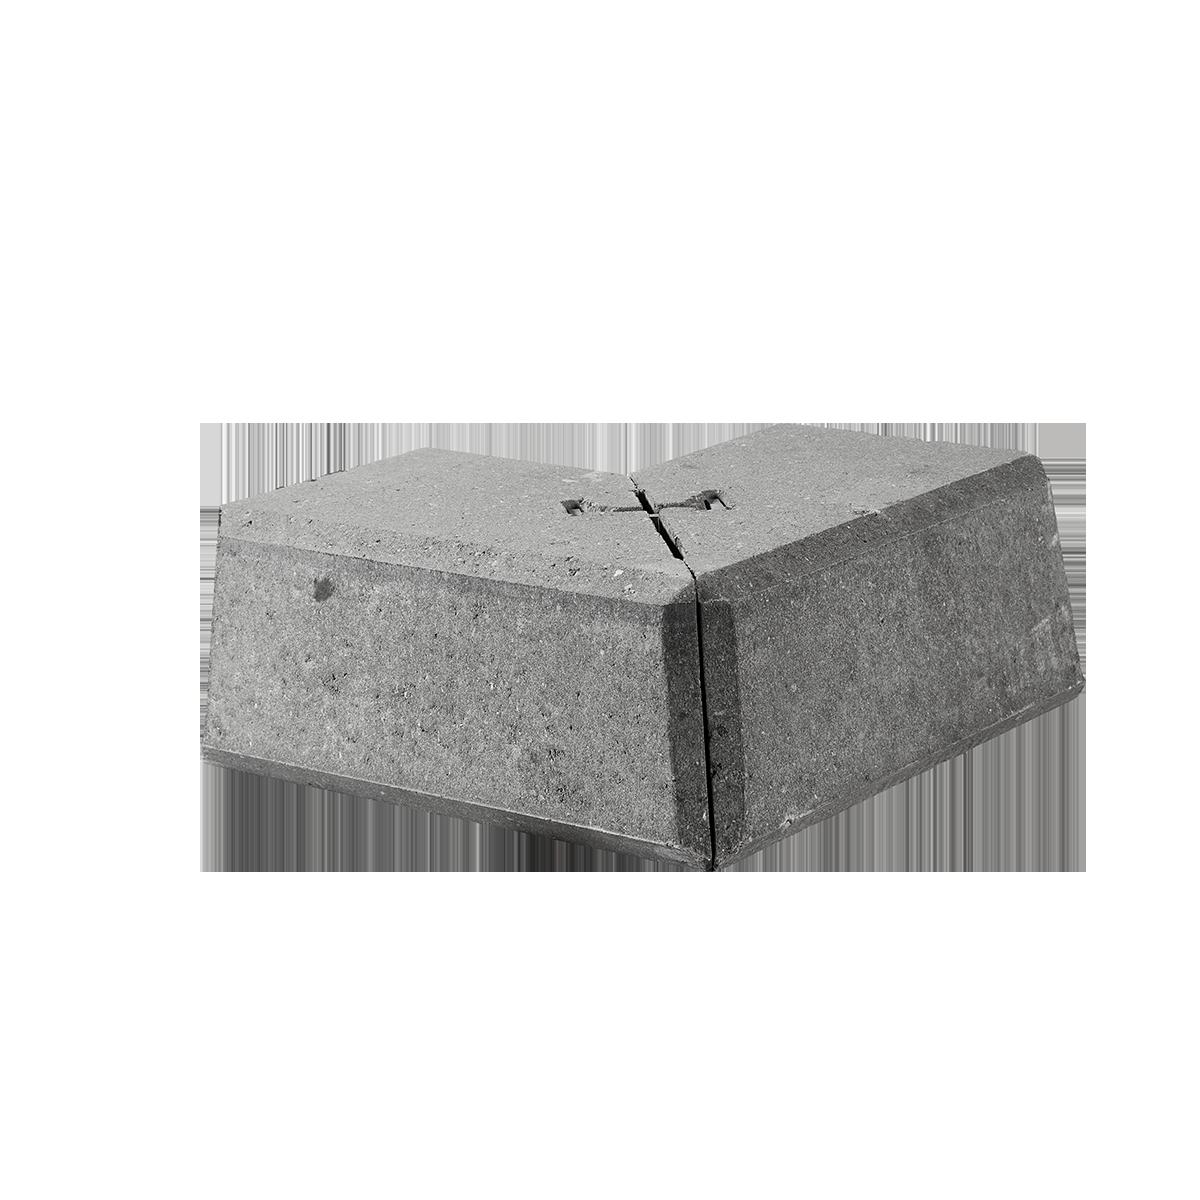 Danblokke 15/42x15/42x27x17 cm Grå Hjørner Type 2